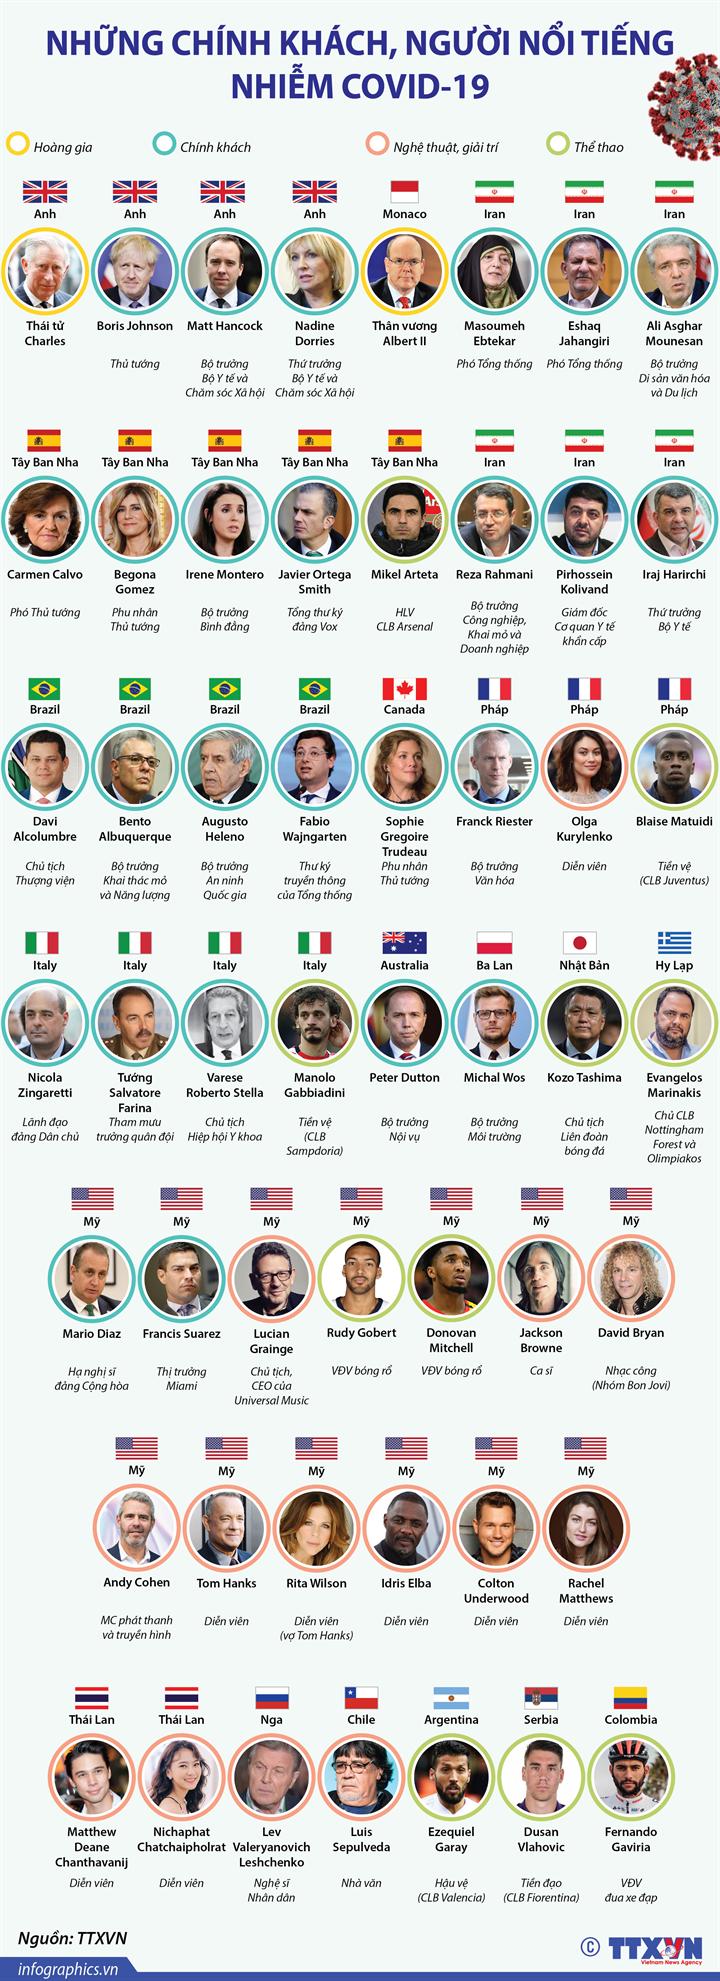 Những chính khách, người nổi tiếng nhiễm COVID-19